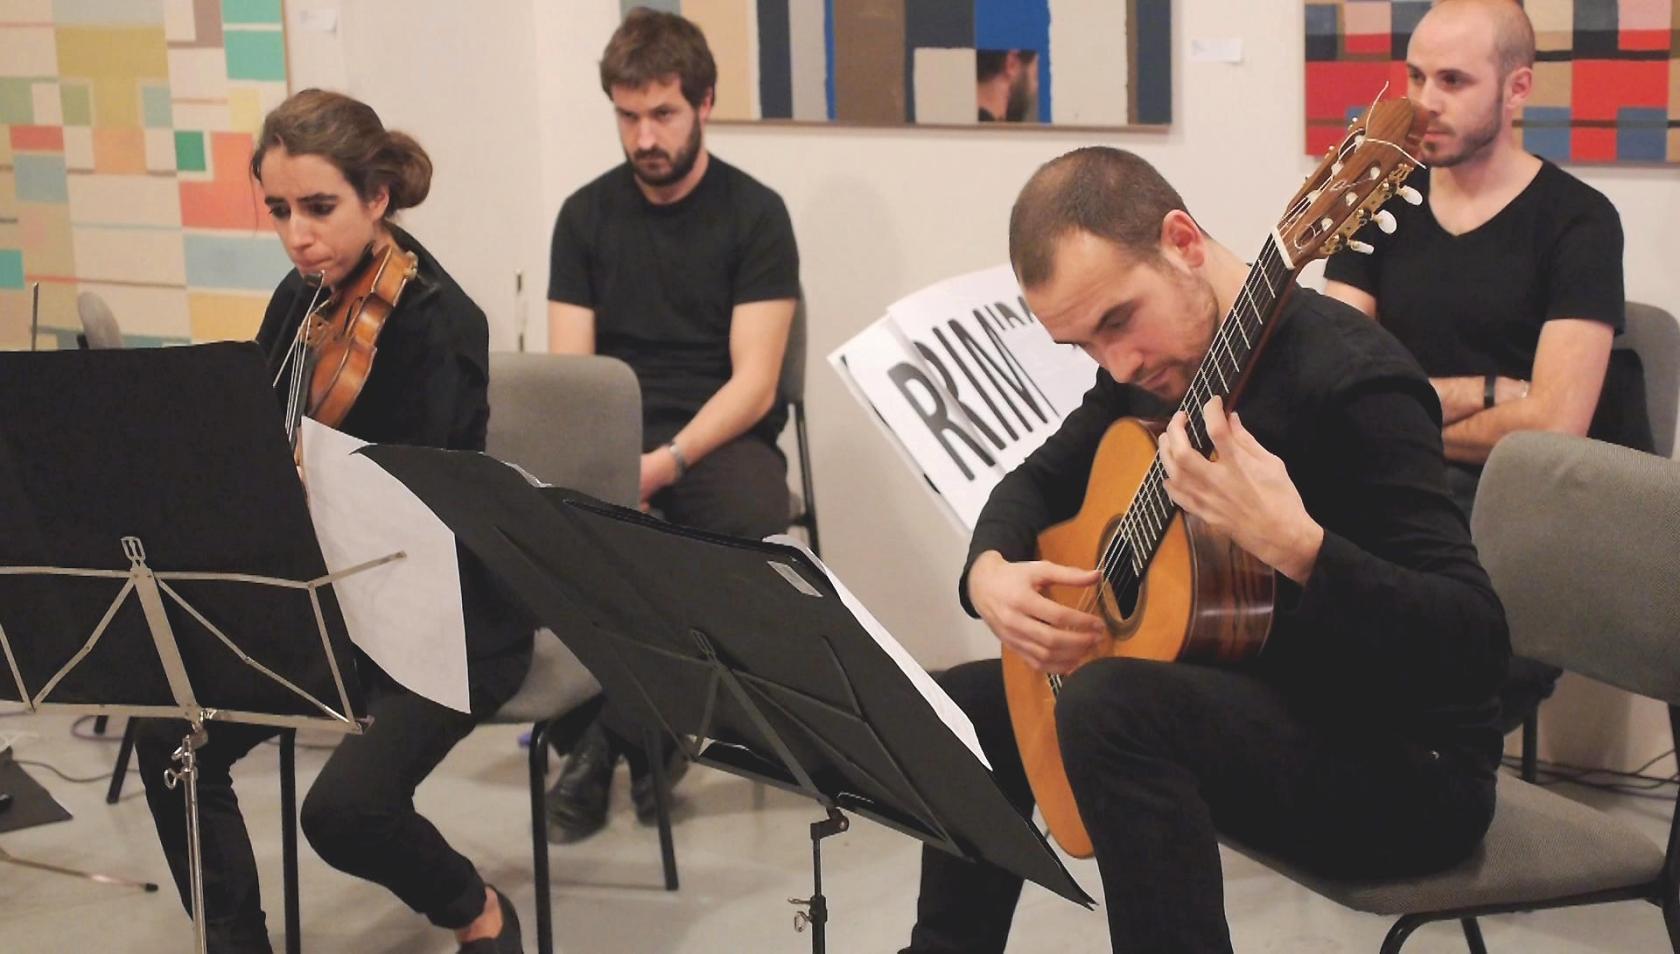 Nou Ensemble: José Pablo Polo y Georgia Privitera interpretan una composición de Elena Mendoza en la asociación Función Lenguaje de Madrid. Fotografía de Luis F. Roncero.